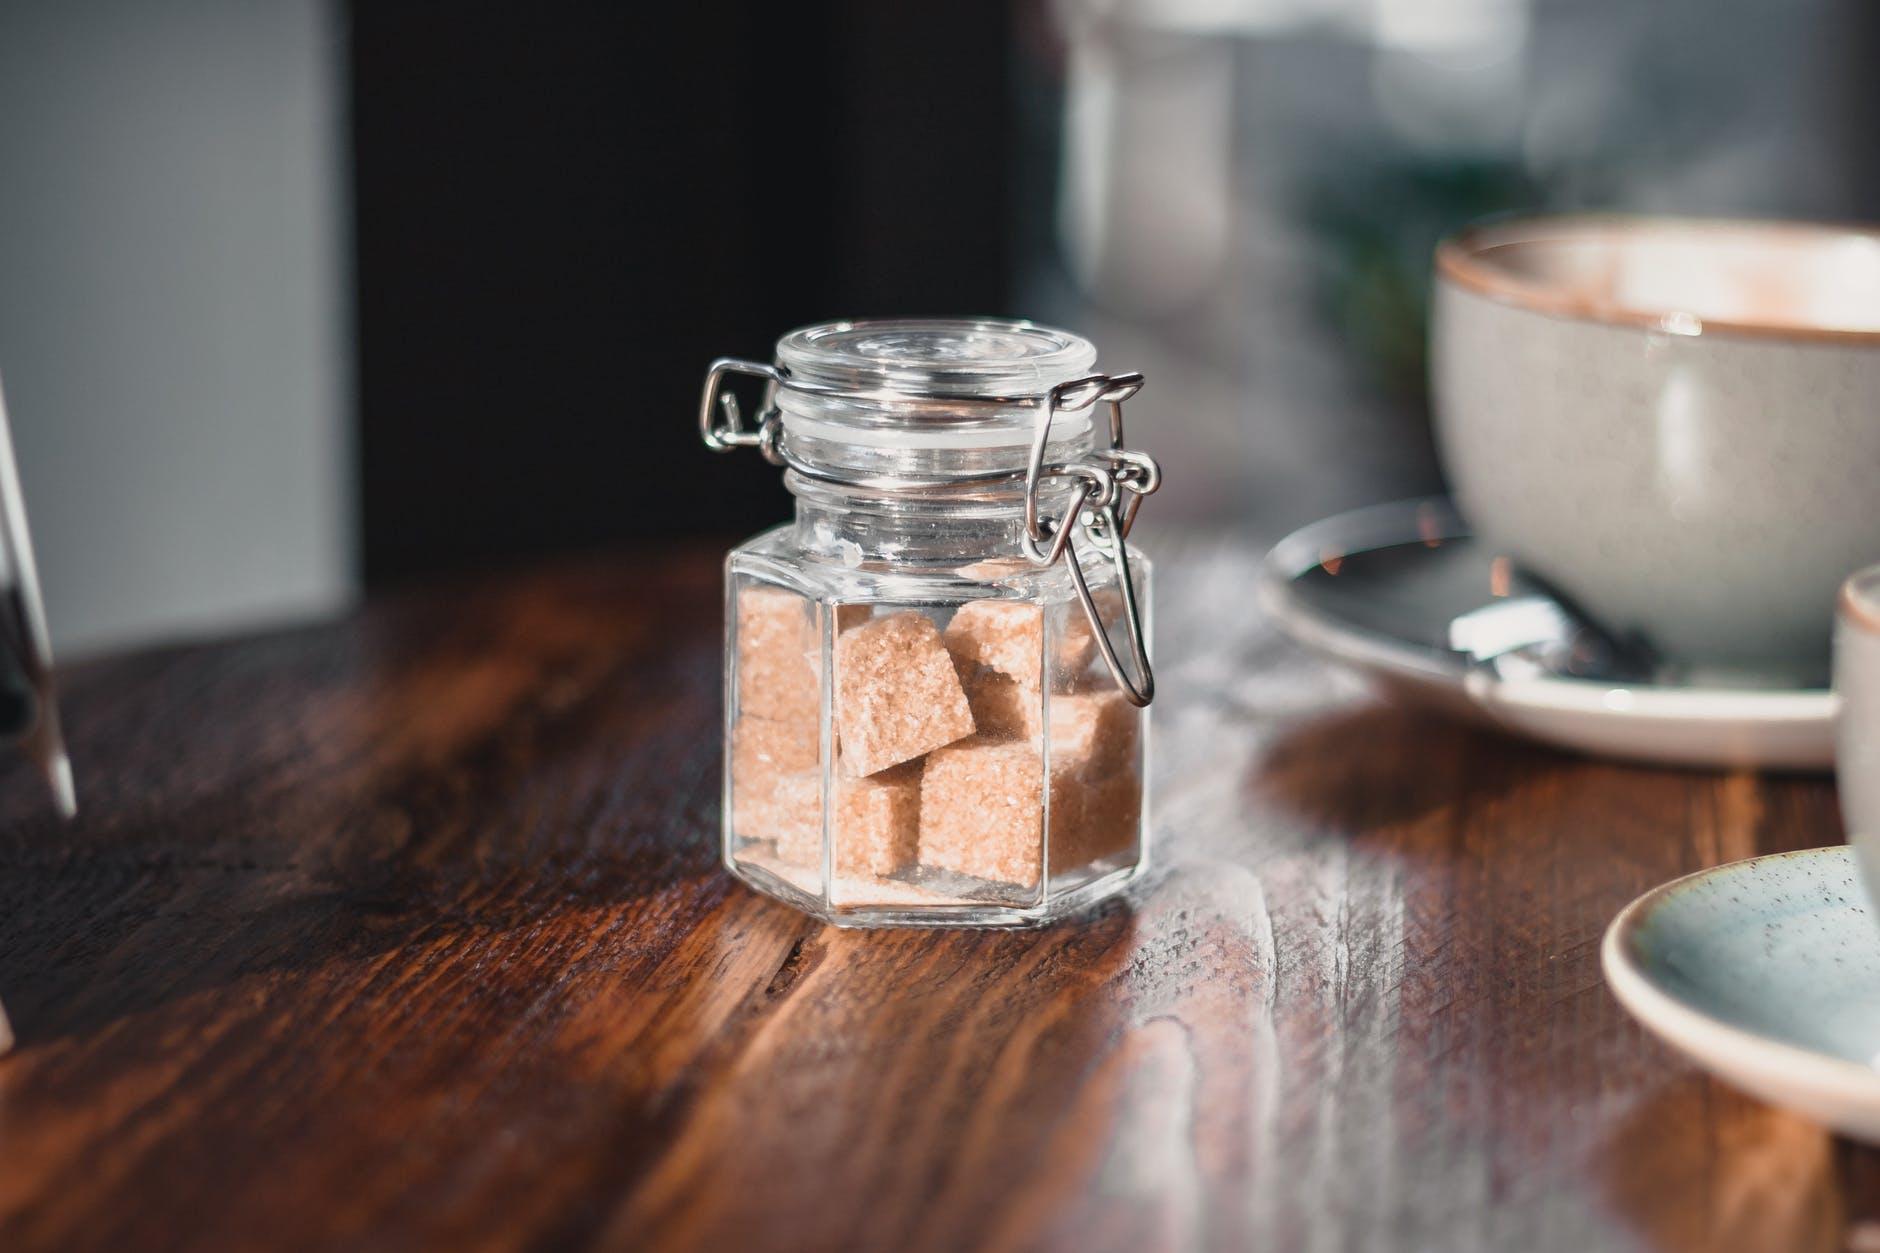 Сахар в сахарнице